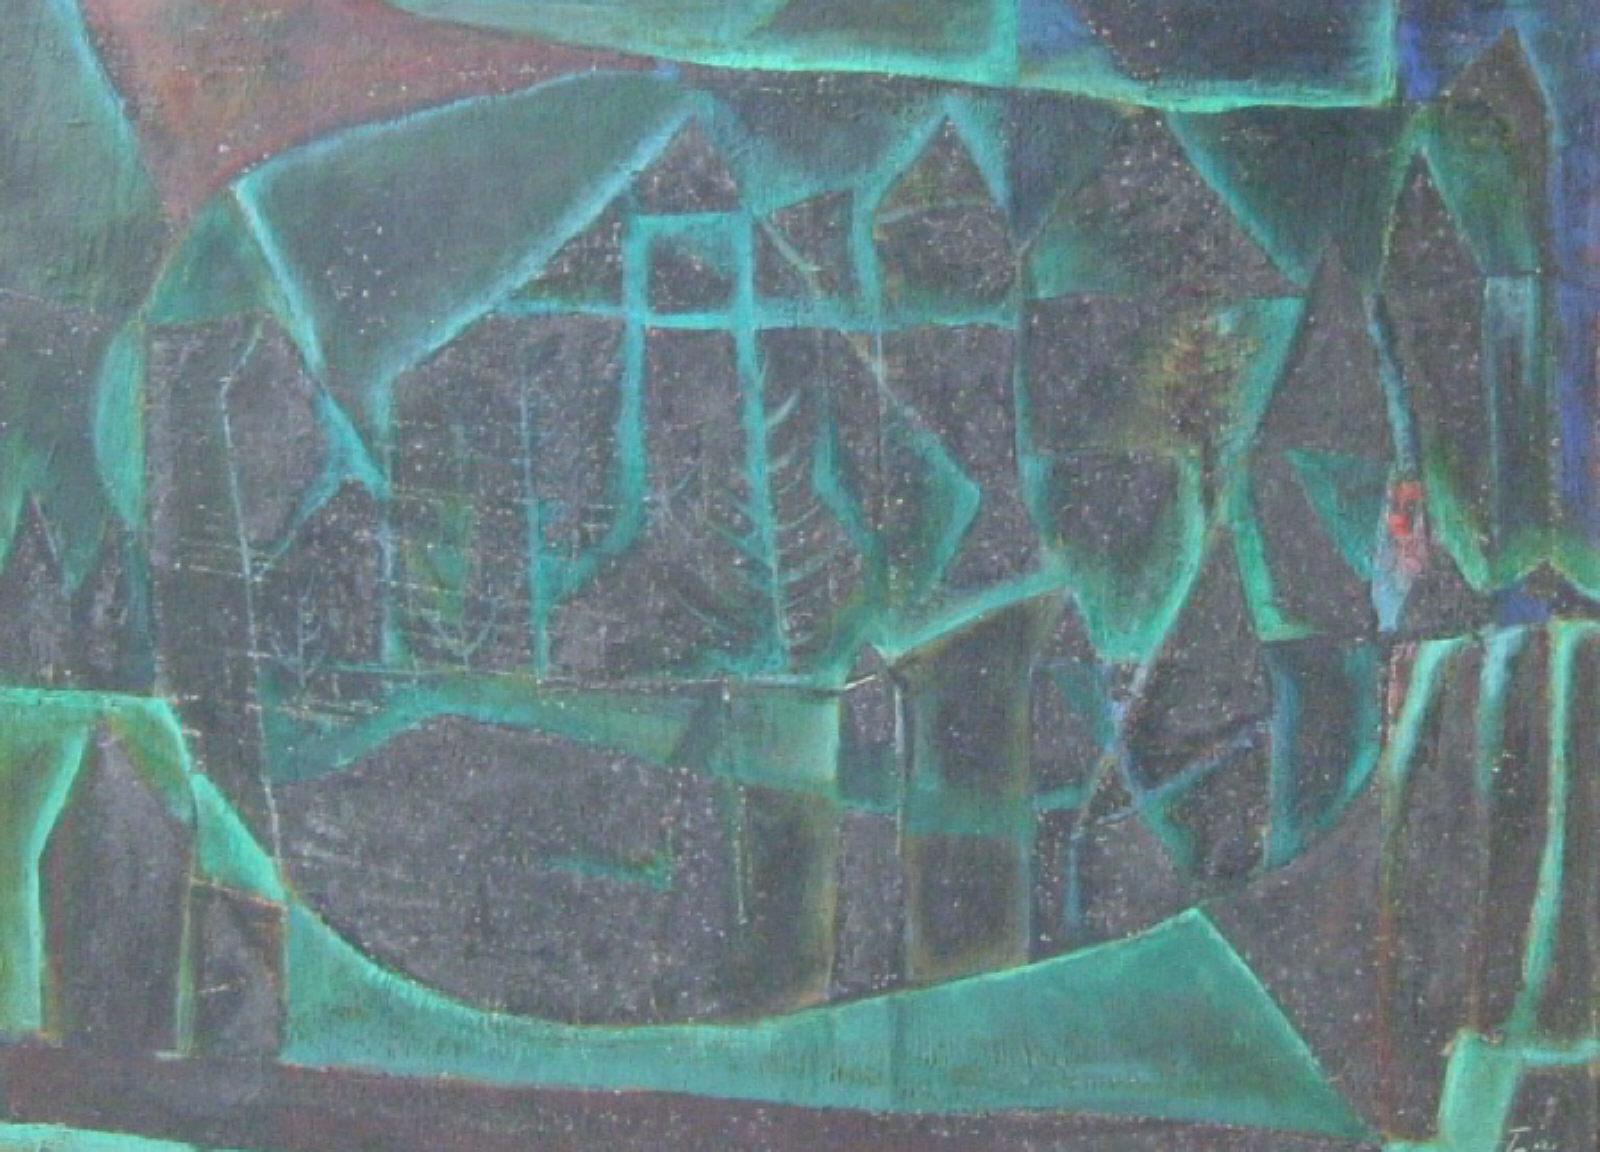 清川泰次《黒の中にみどりの光がある風景》1954-1955年 世田谷美術館蔵